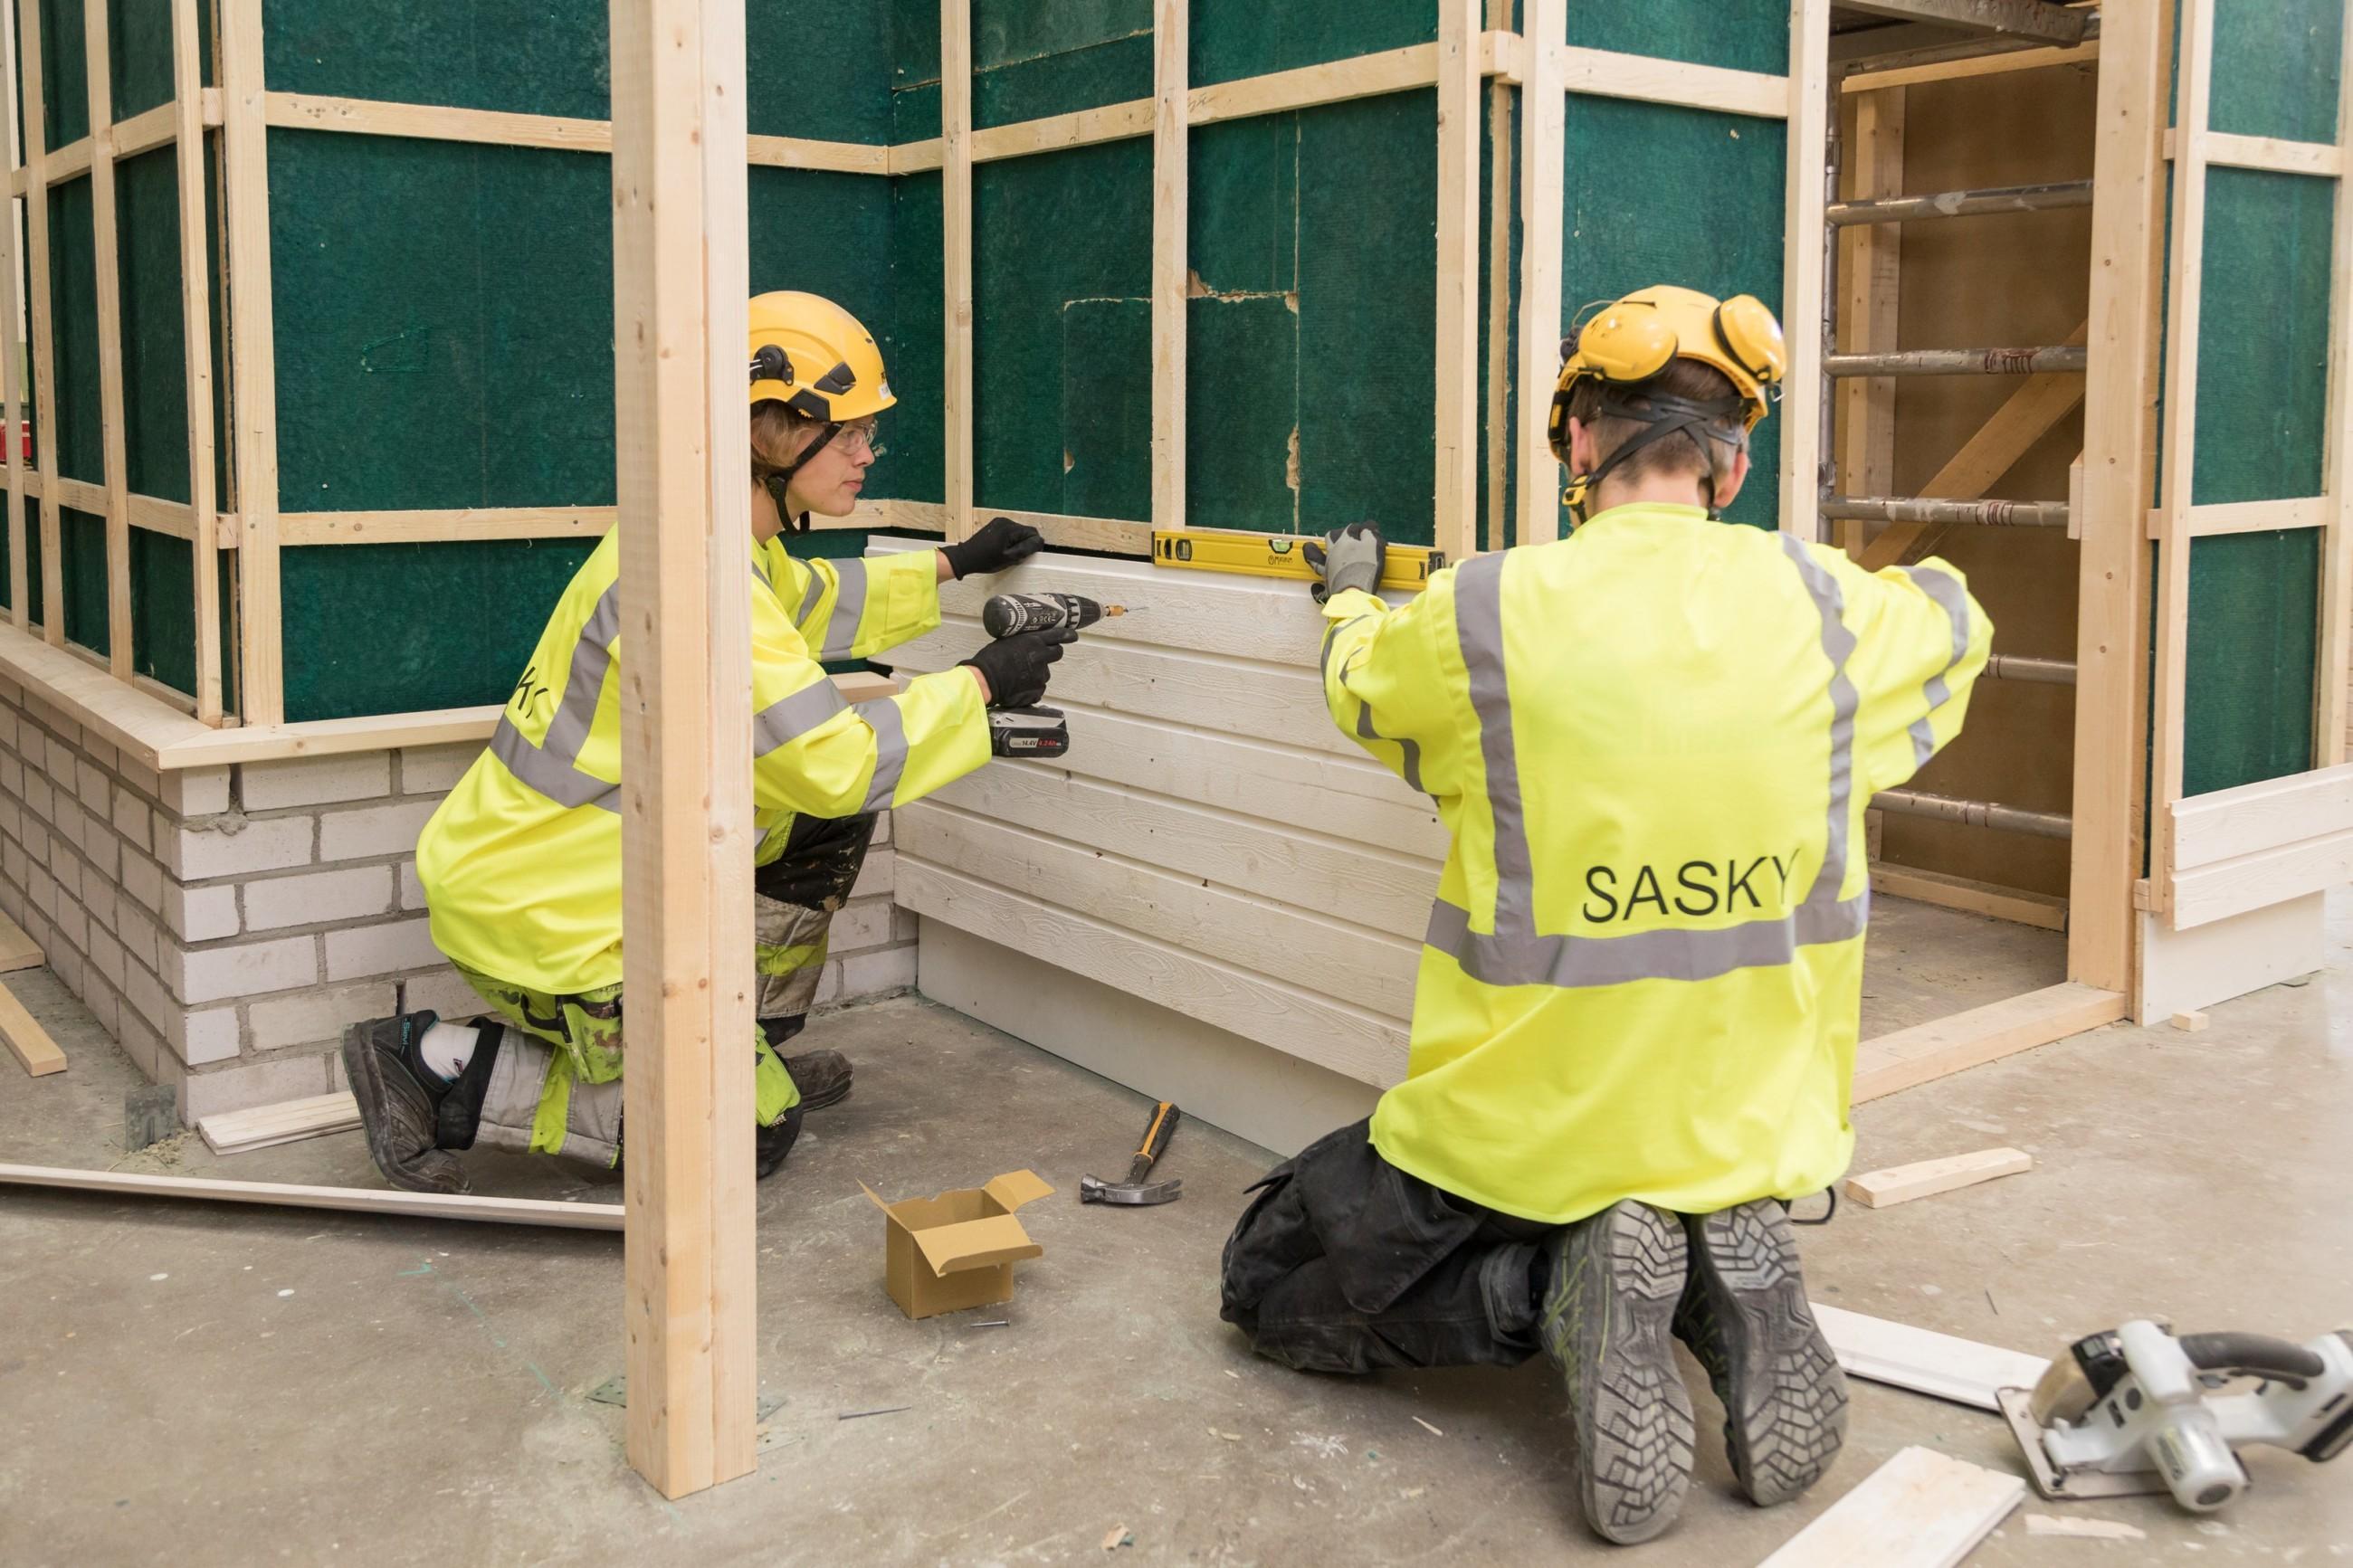 Kaksi henkilöä asentaa seinään puupaneleita ja tarkistavat suoruuden vatupassilla.